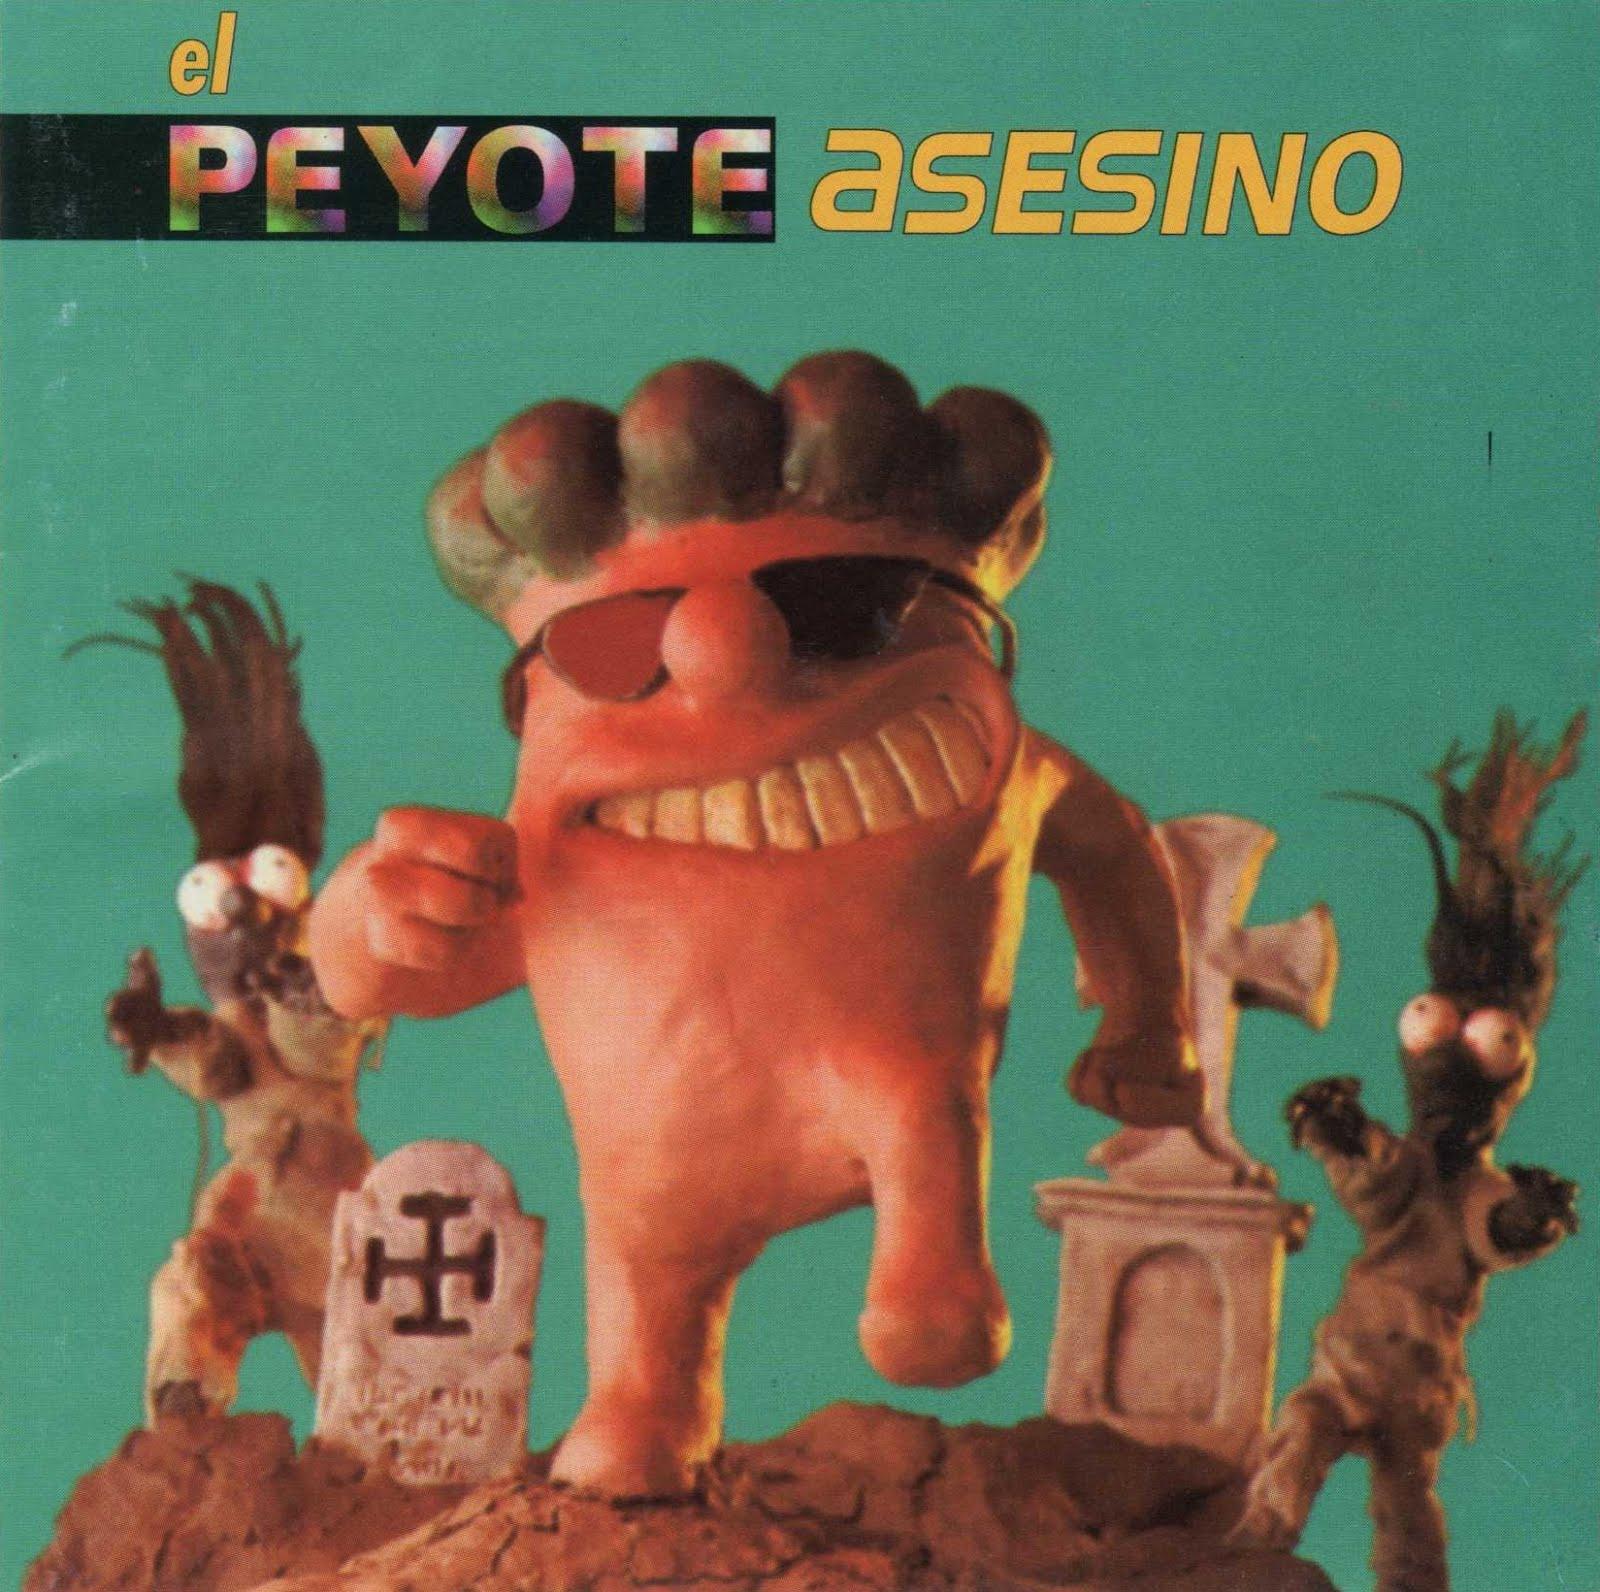 discografia de el peyote asesino